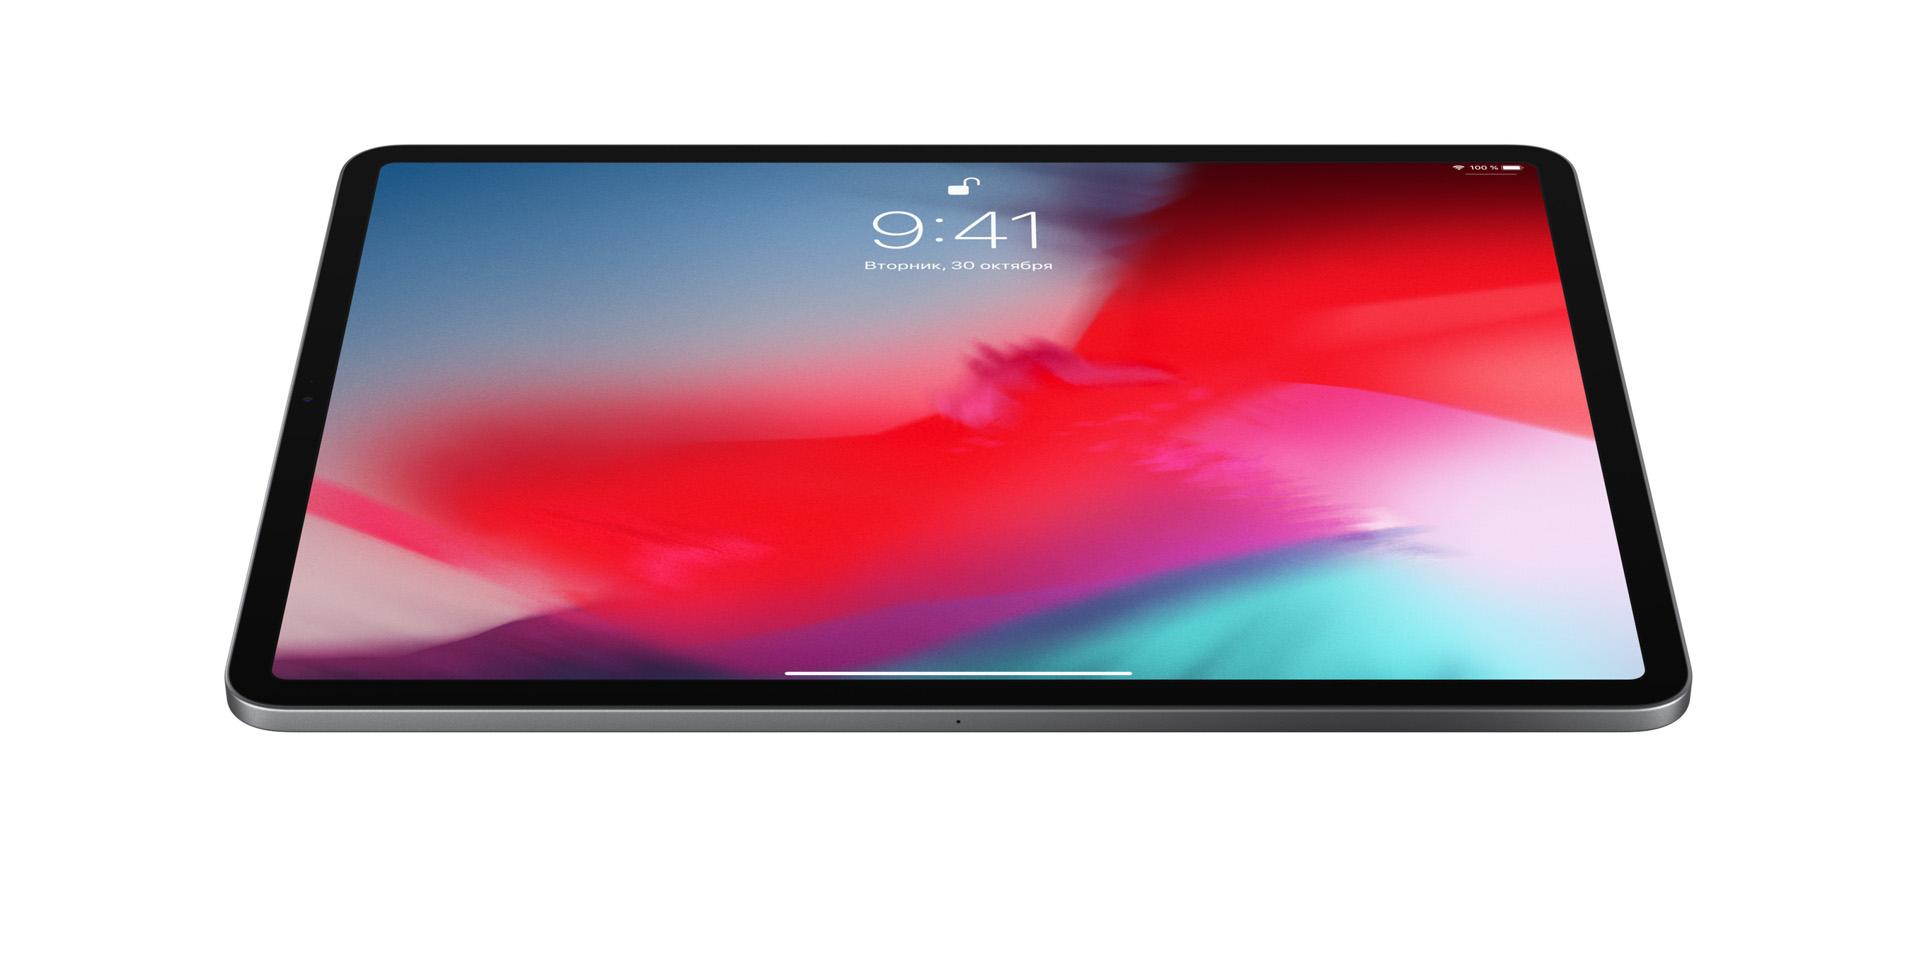 6de3ea0ae Na iPad Pro 2017 a 2018 se objevuje čím dál víc stížností co se odezvy  dotykového rozhraní týče. Nejvíce uživatelů popisuje vynechávání písmen při  psaní, ...